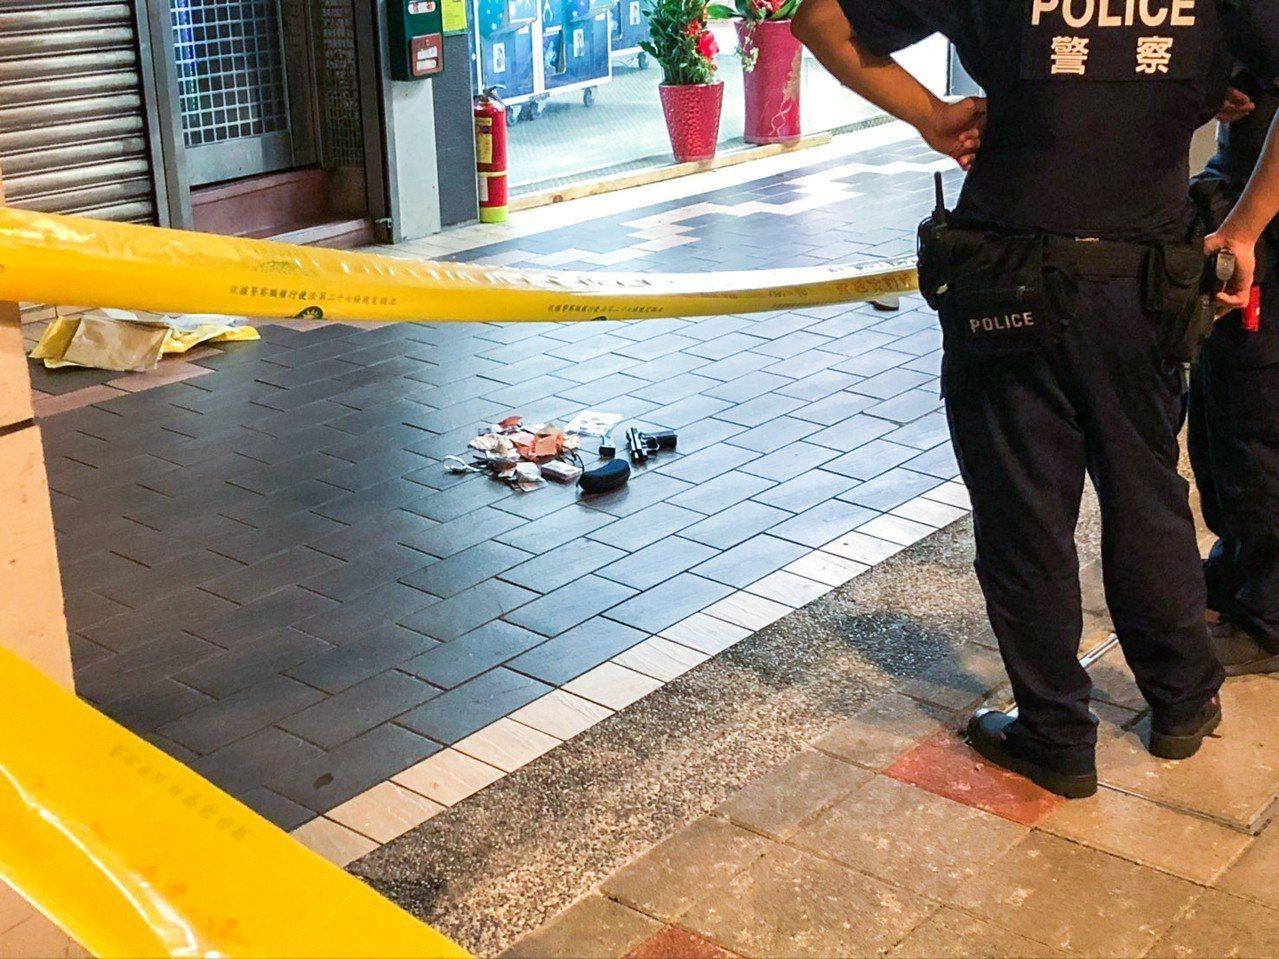 台北市重慶北路一家三溫暖店昨晚發生槍案,警方在現場調查。記者蔡翼謙/攝影